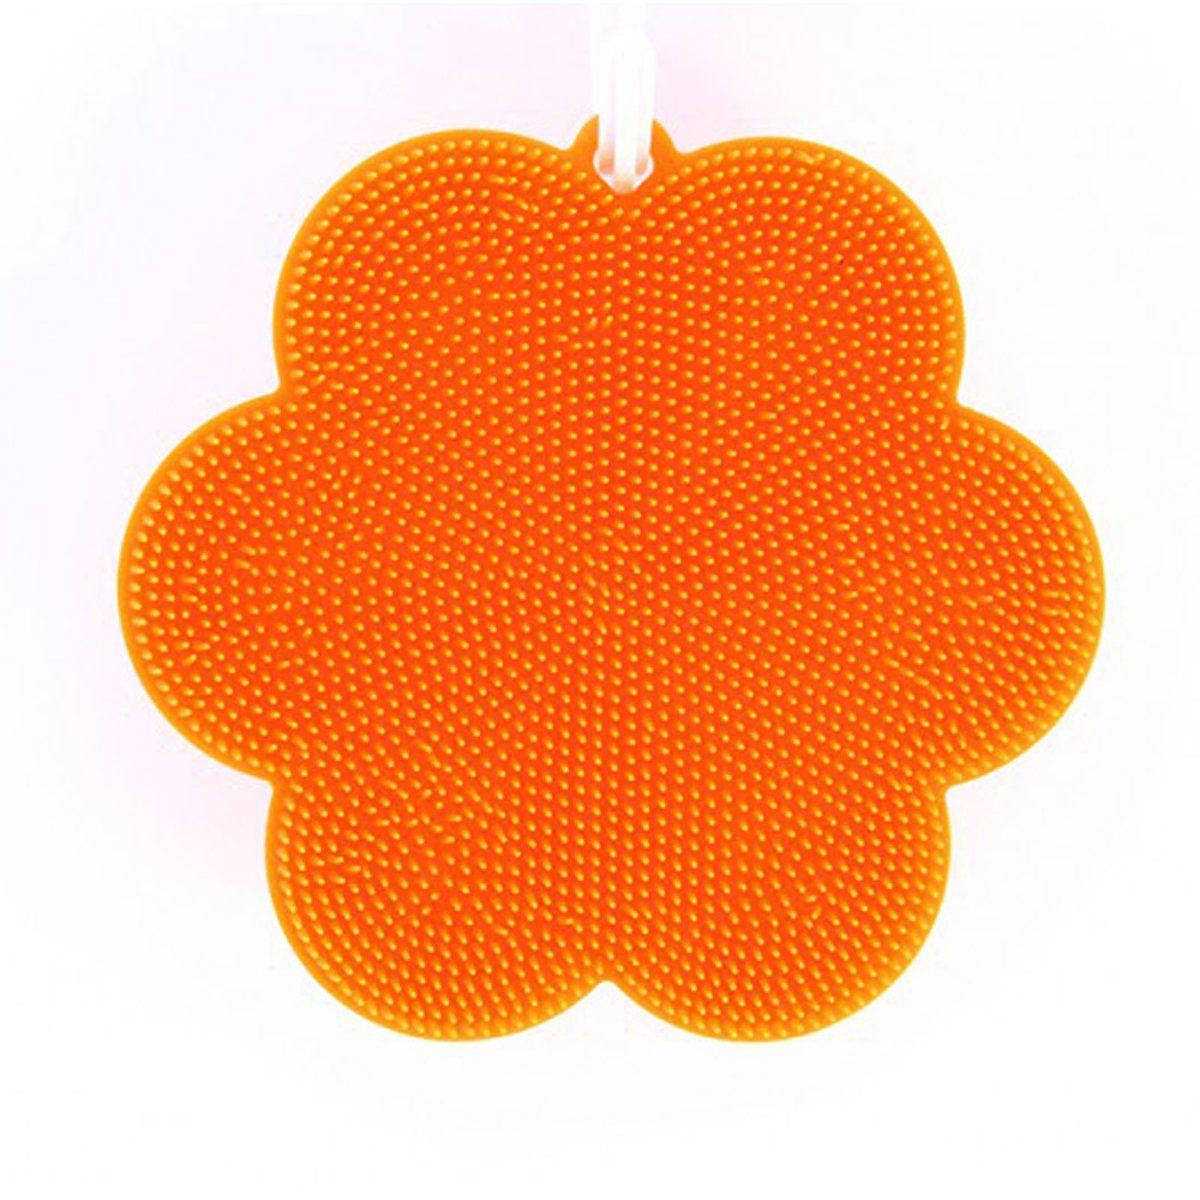 Kochblume SWISCH Silikonschwamm und Fusselbürste, orange